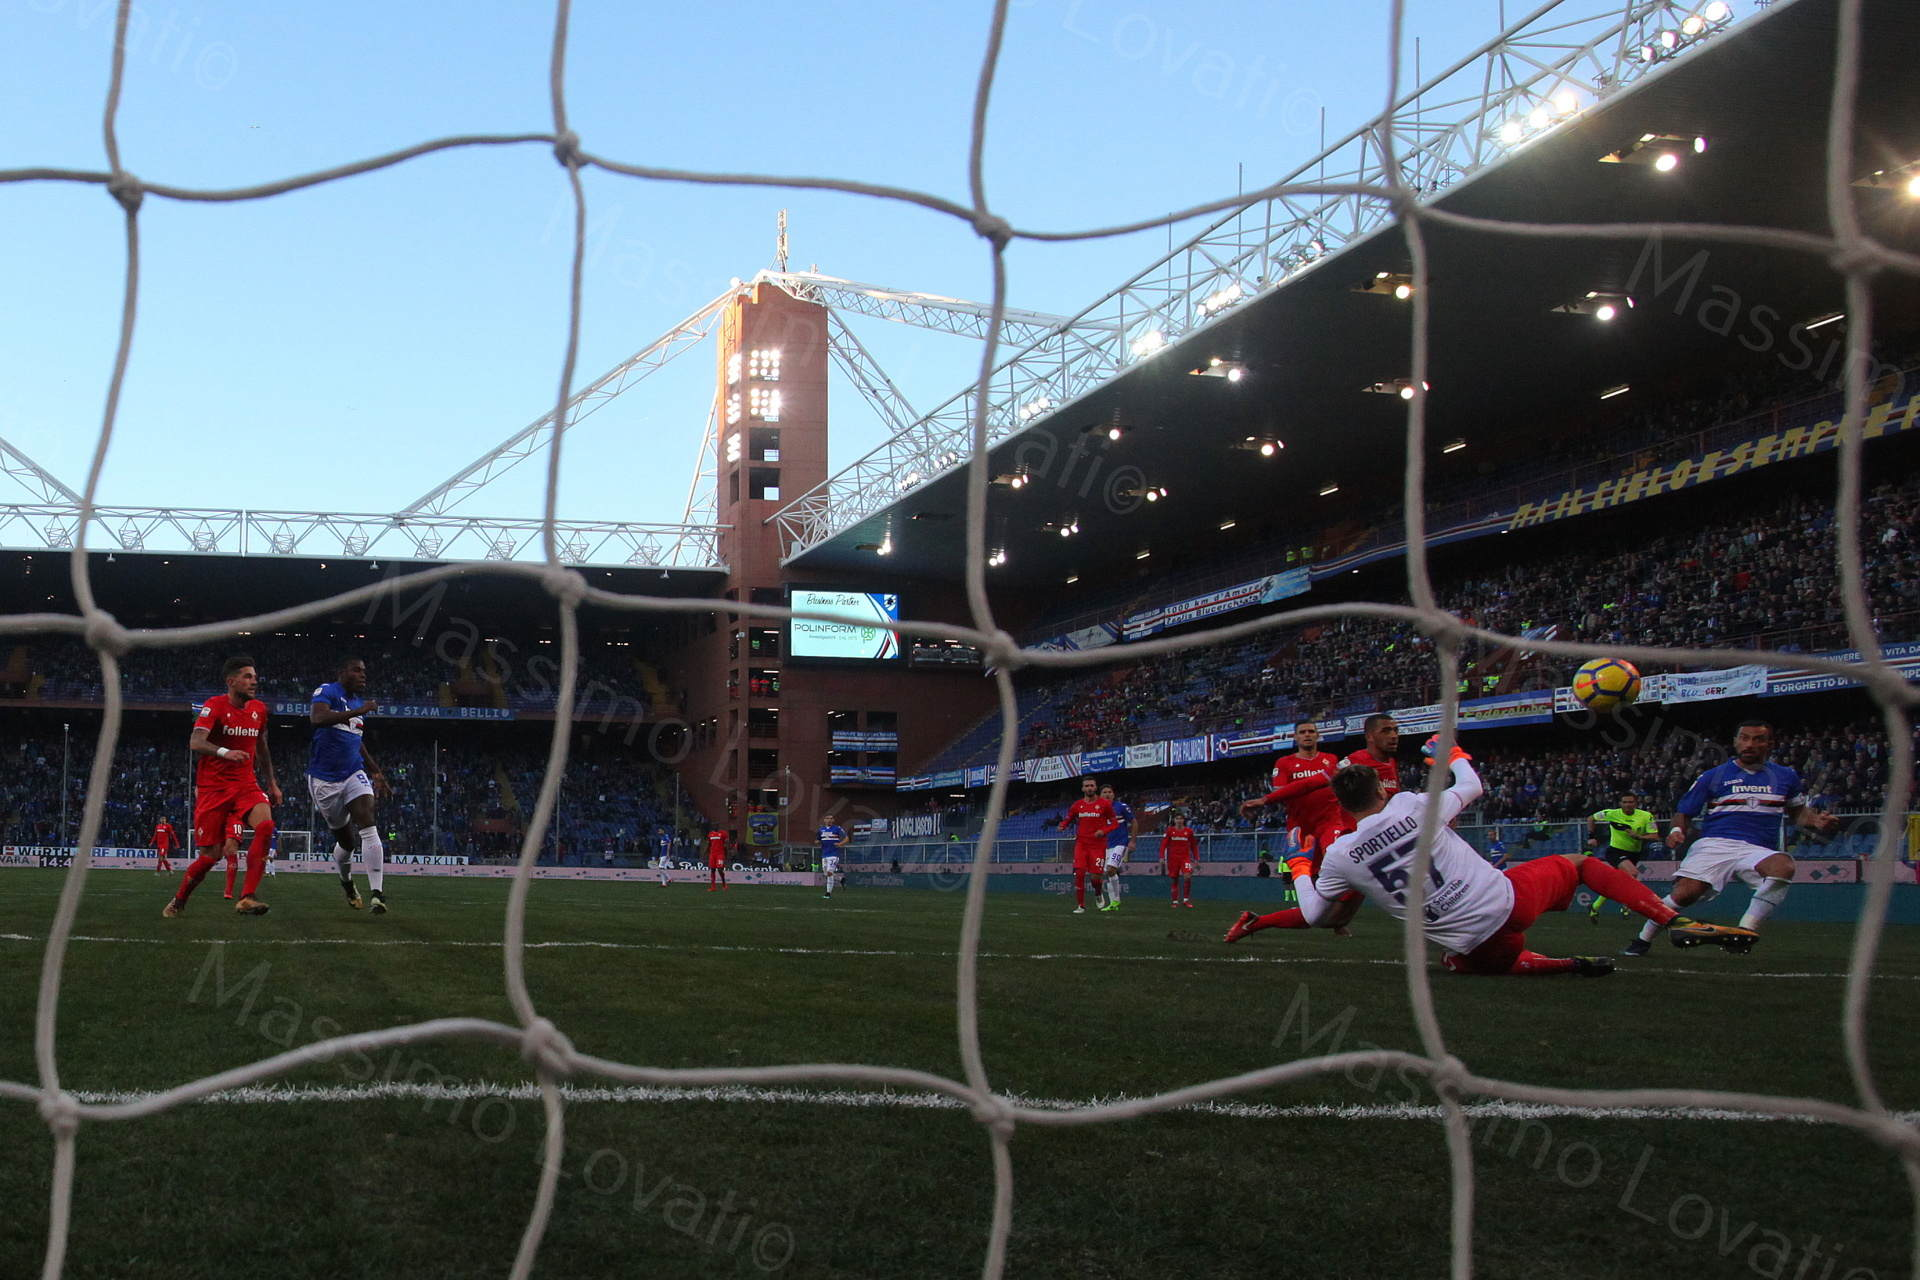 21/01/2018 Genova , Campionato di Calcio Serie A, Sampdoria - Fiorentina, nella foto Quagliarella segna il secondo goal